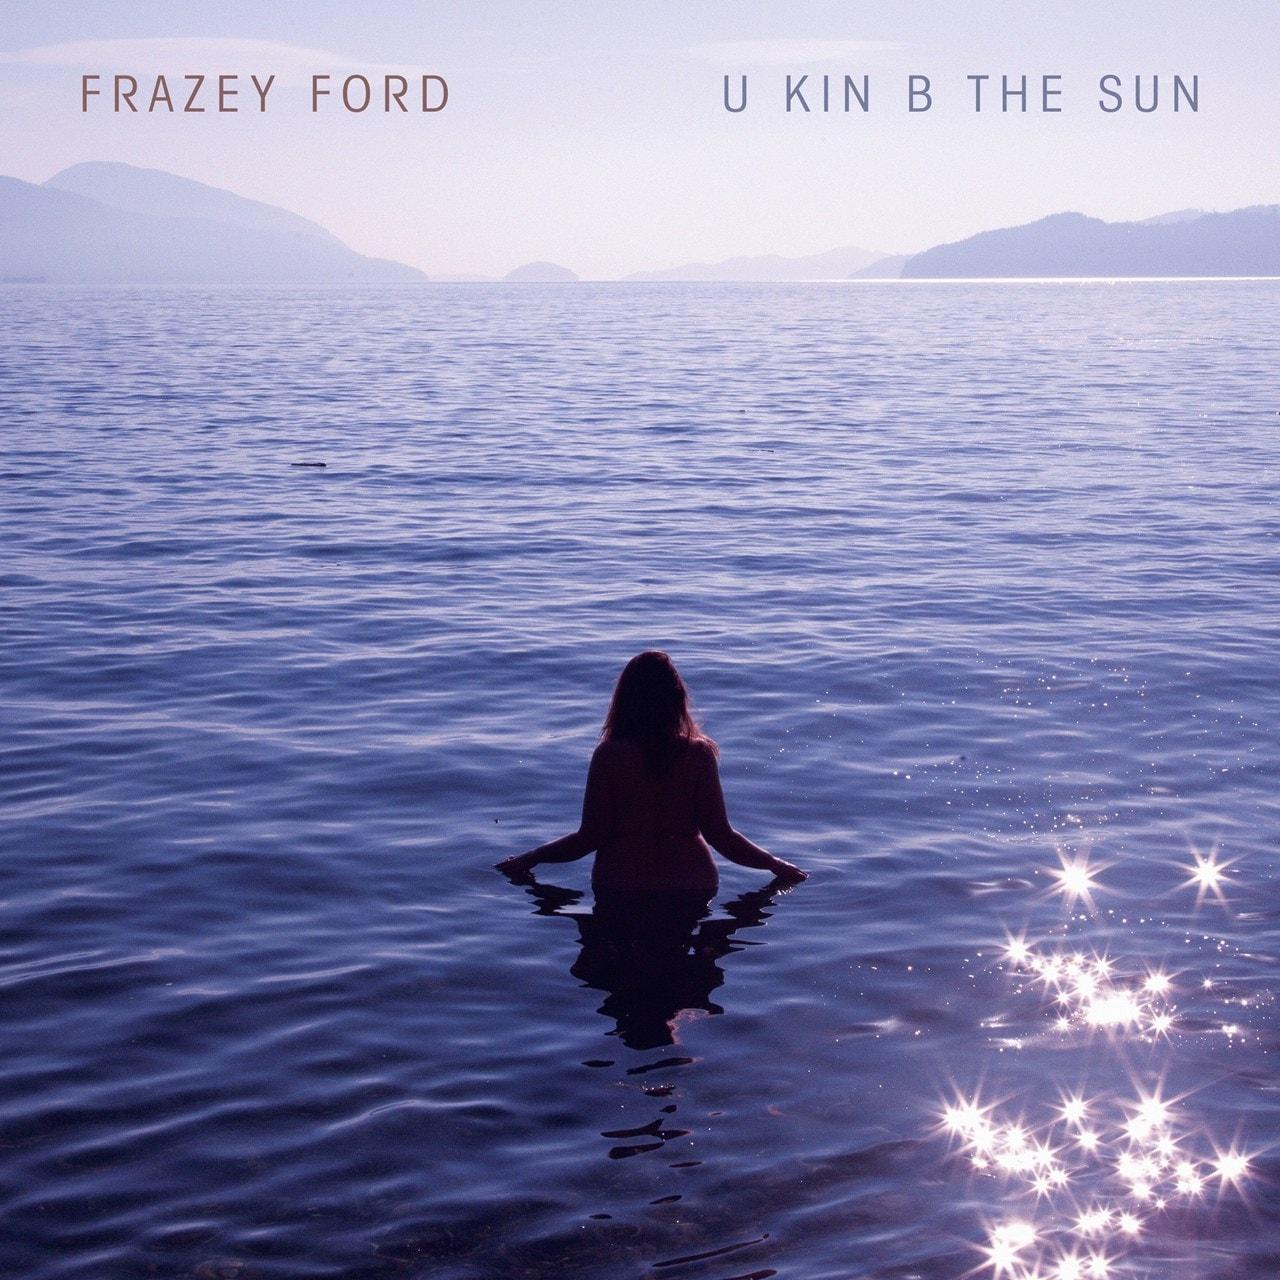 U Kin B the Sun - 1